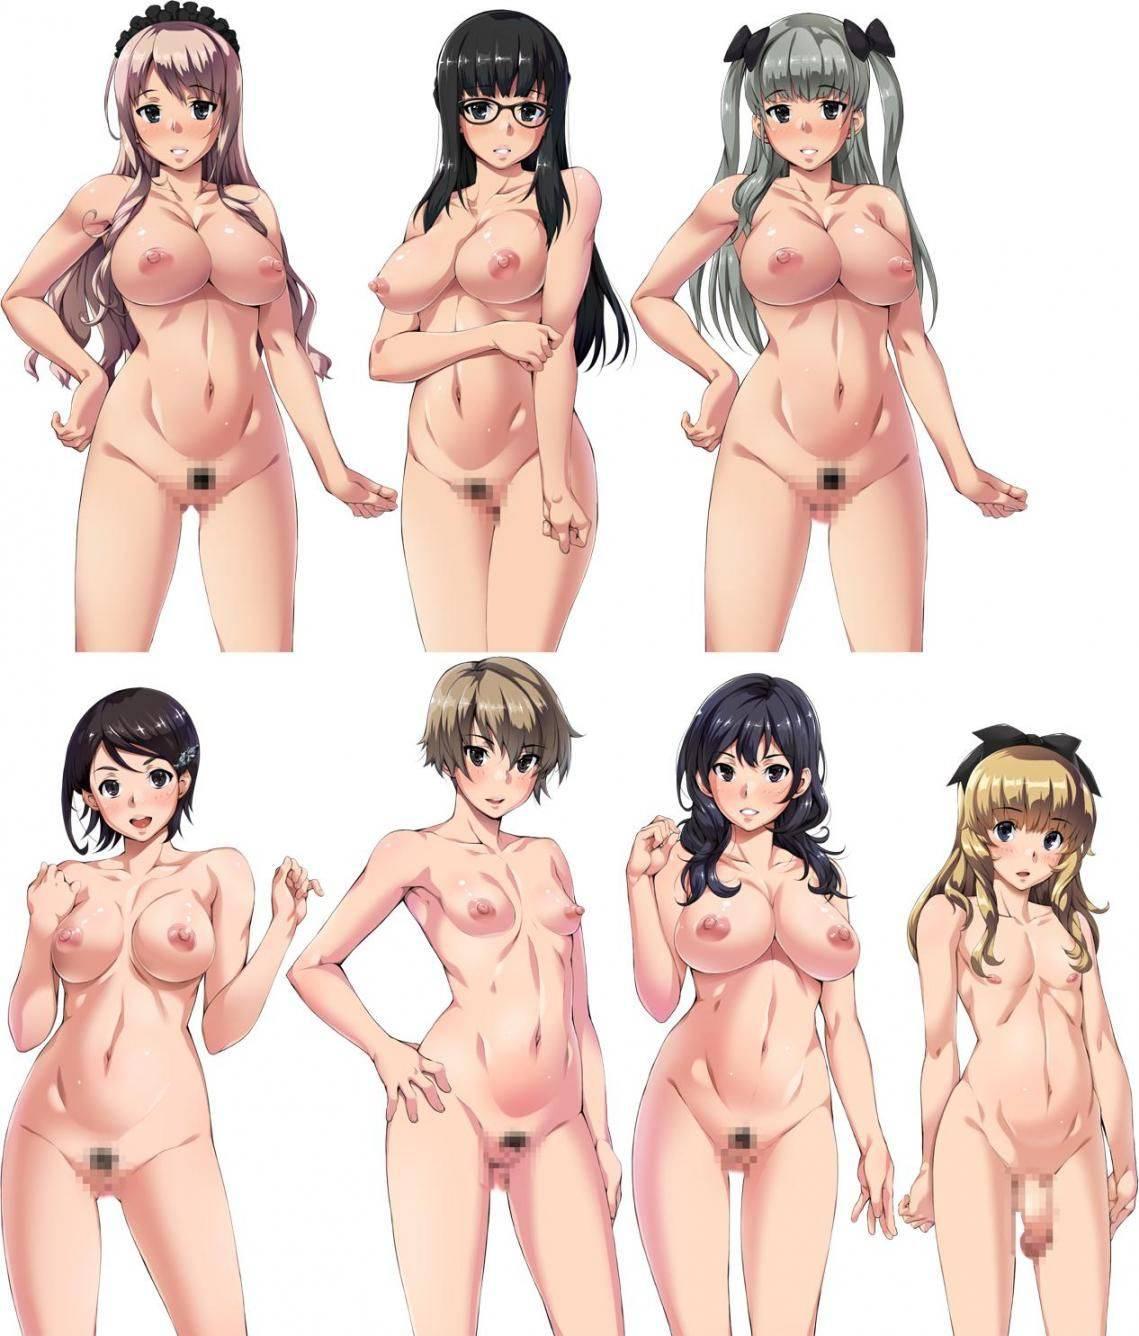 【どれにしようかな?】女の子達が全裸で立ってる二次エロ画像【6】